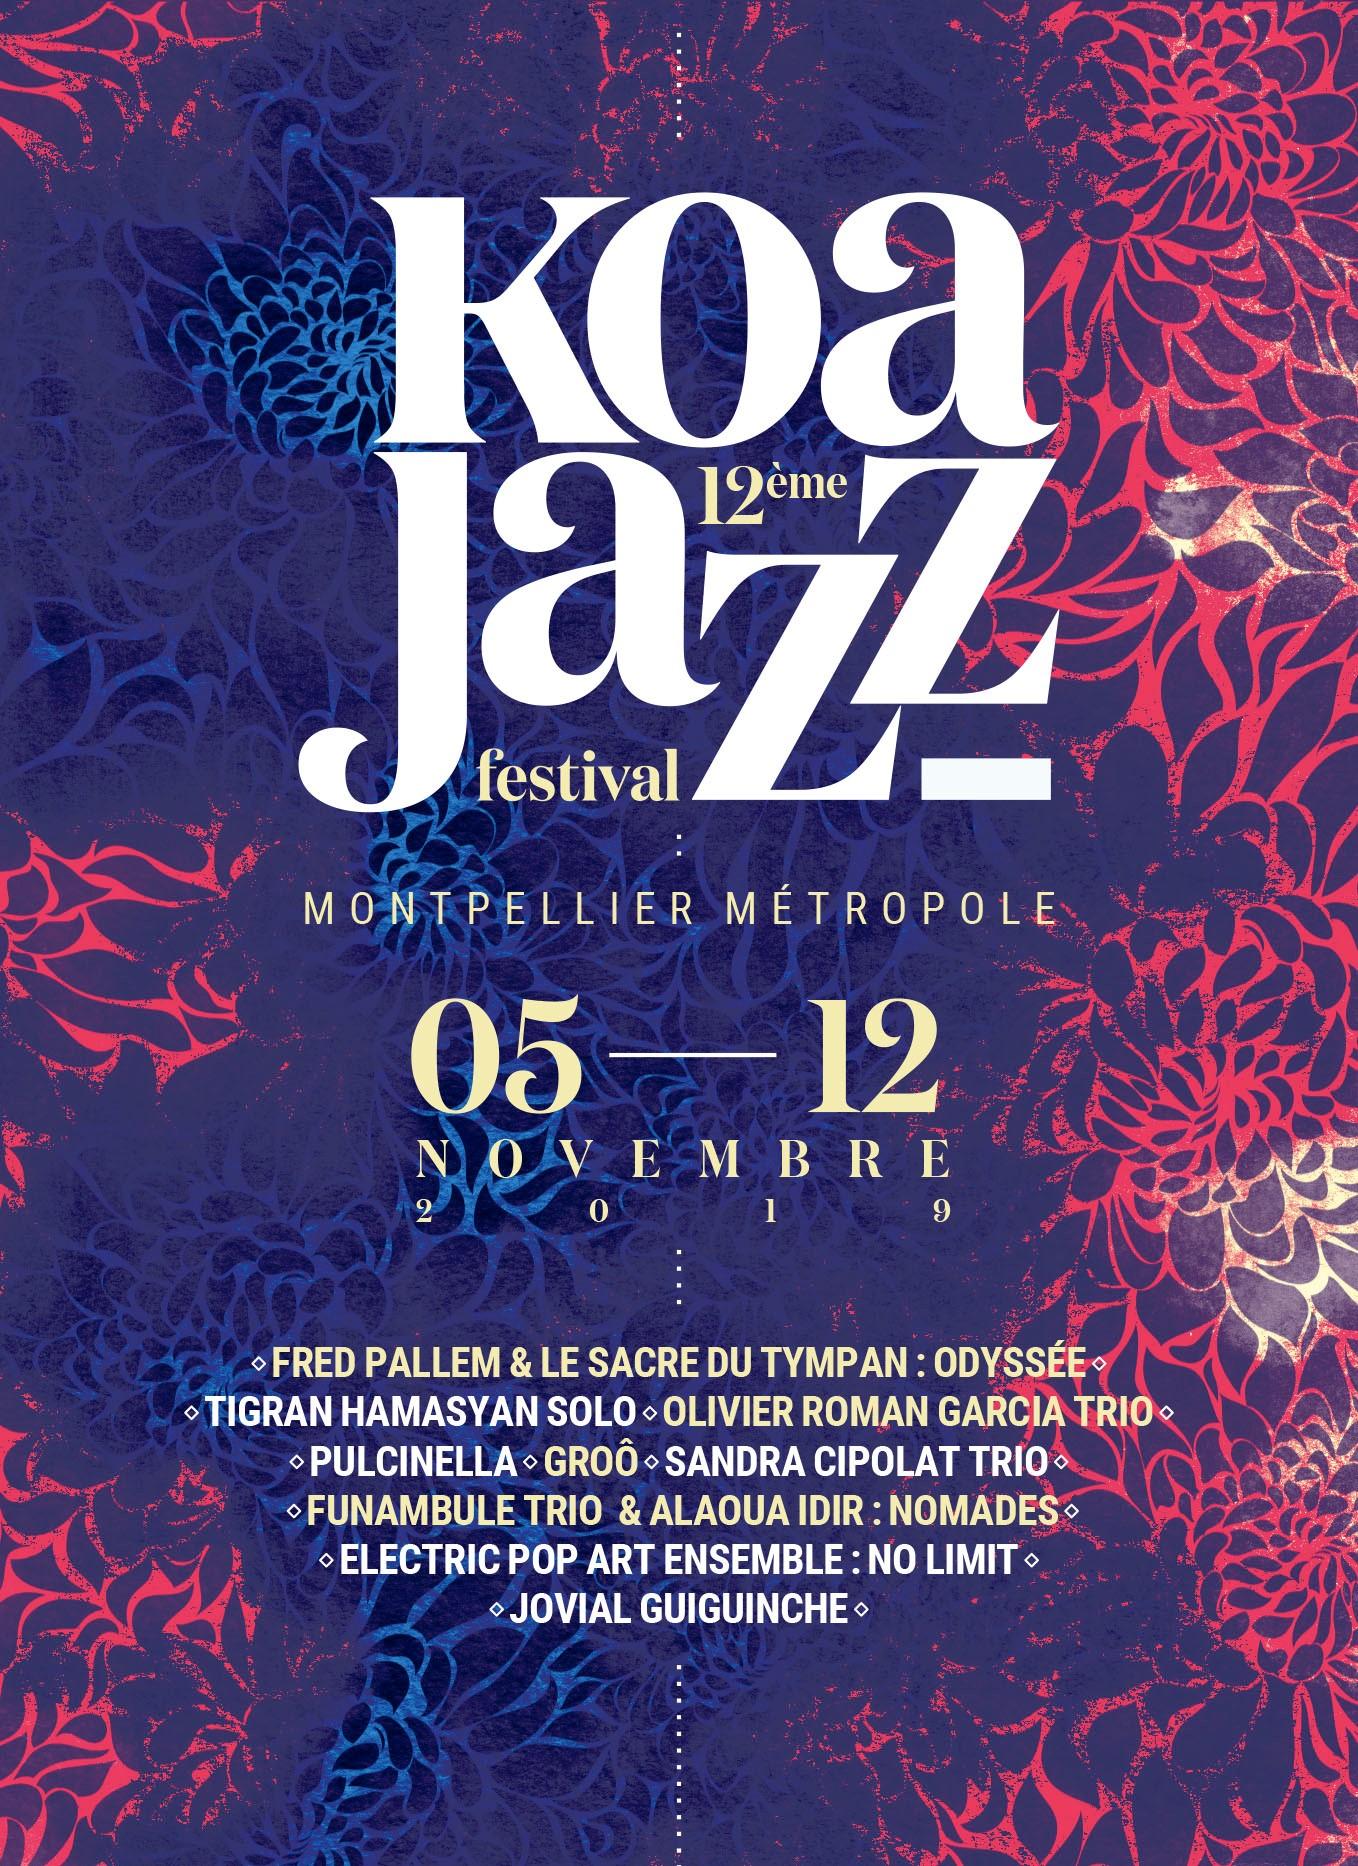 Affiche Koa Jazz Festival